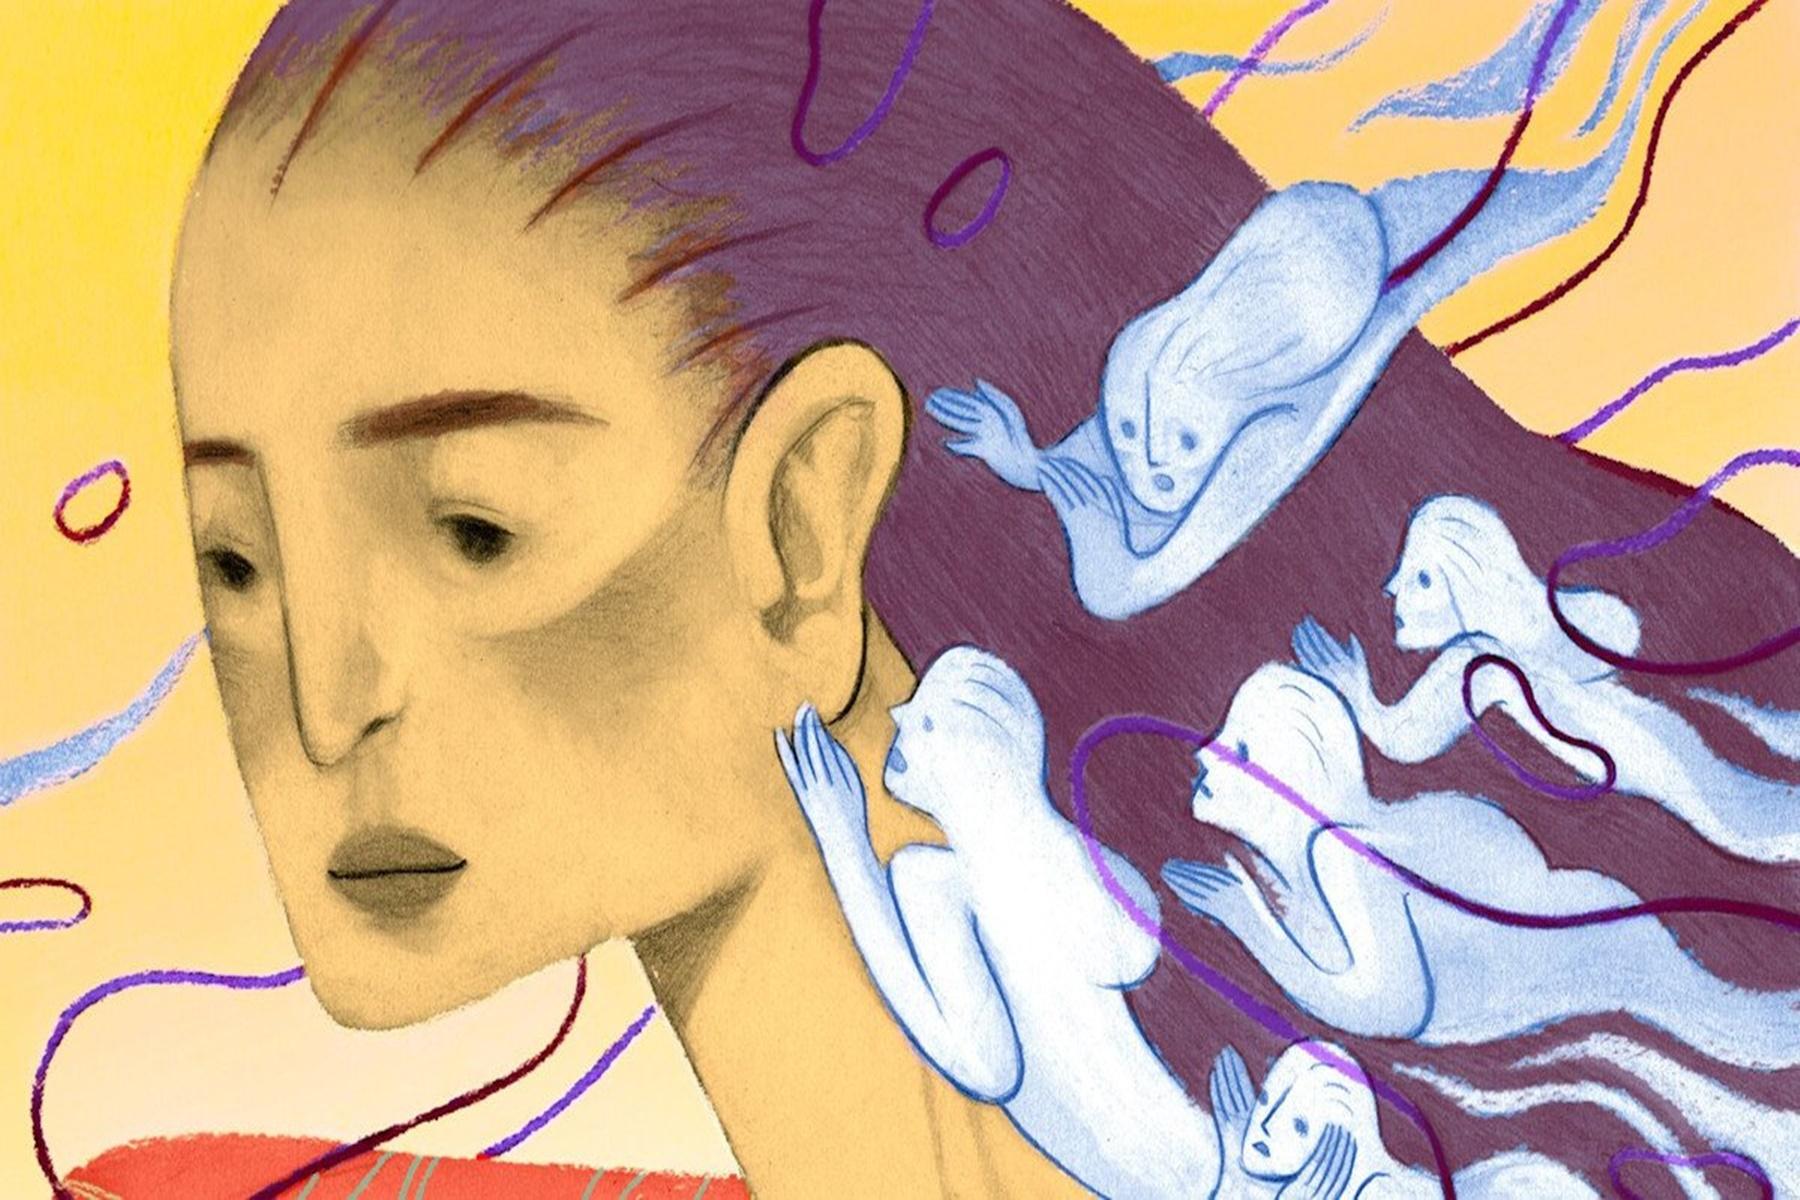 Ψυχική διαταραχή έρευνα: Η συμβολή του ανοσοποιητικού συστήματος στην σχιζοφρένεια